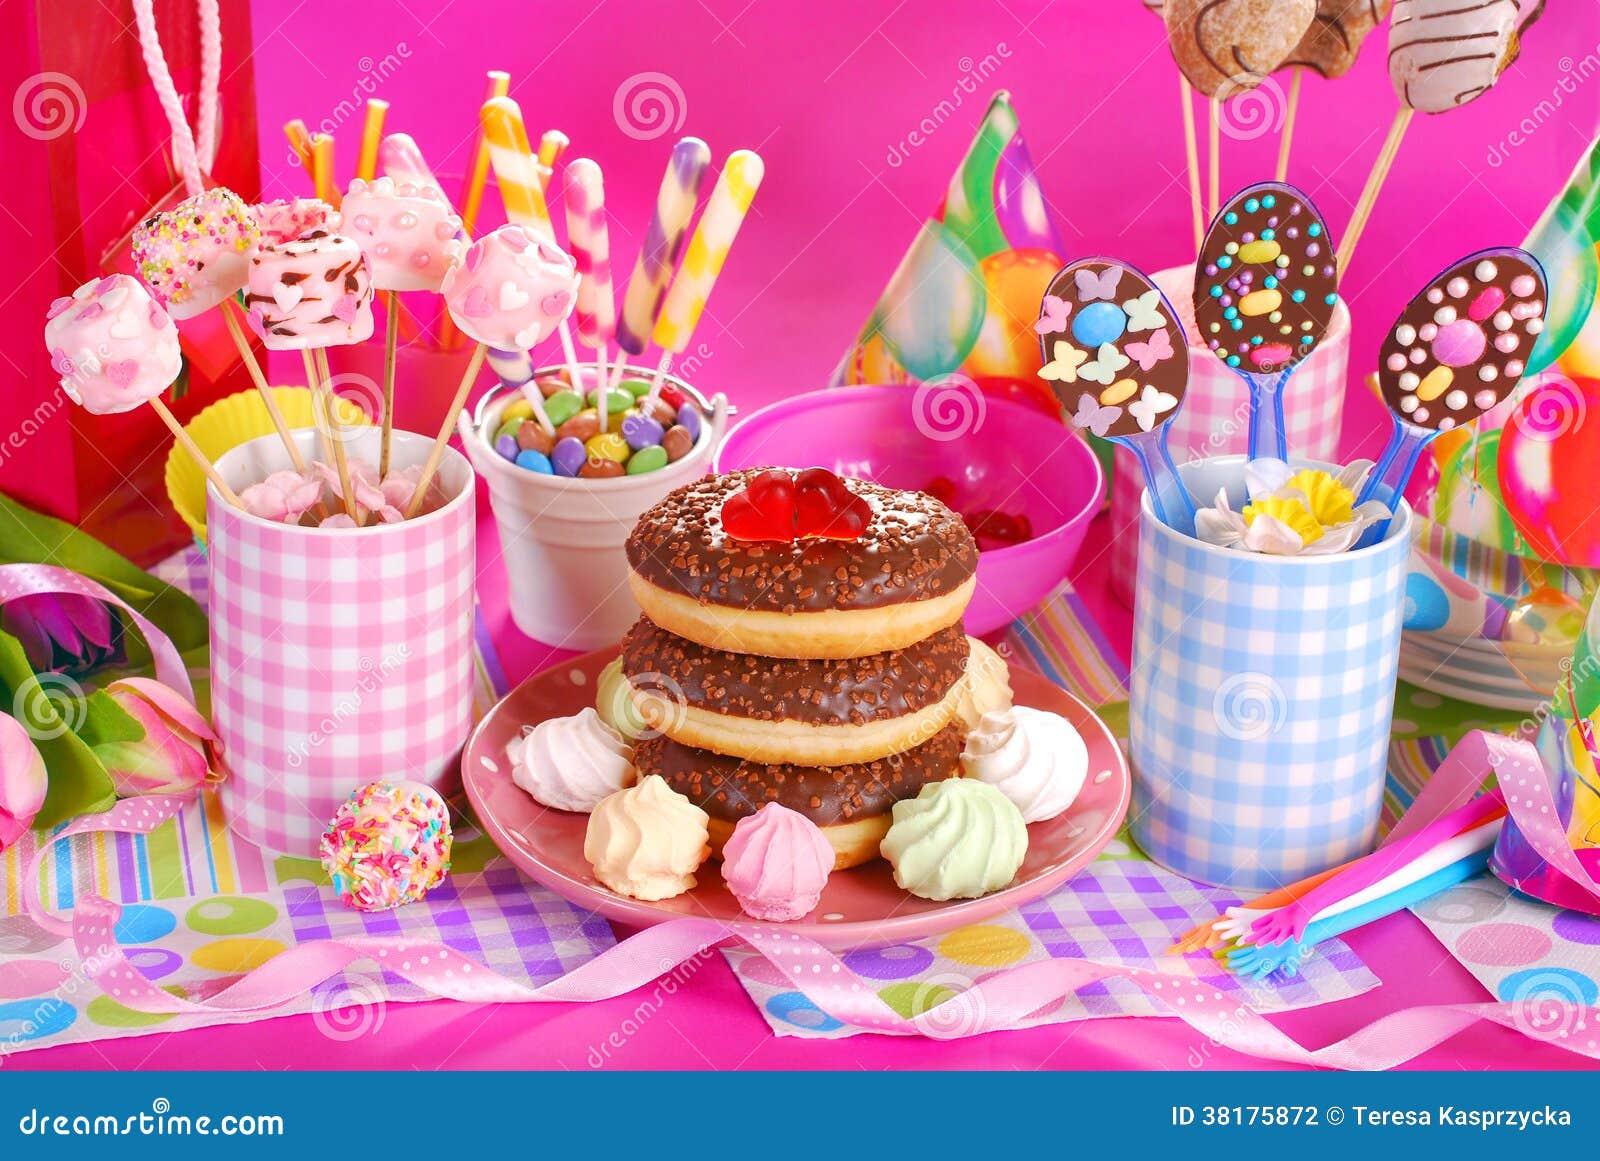 Ben noto Tavola Della Festa Di Compleanno Con I Fiori Ed I Dolci Per I  YX55